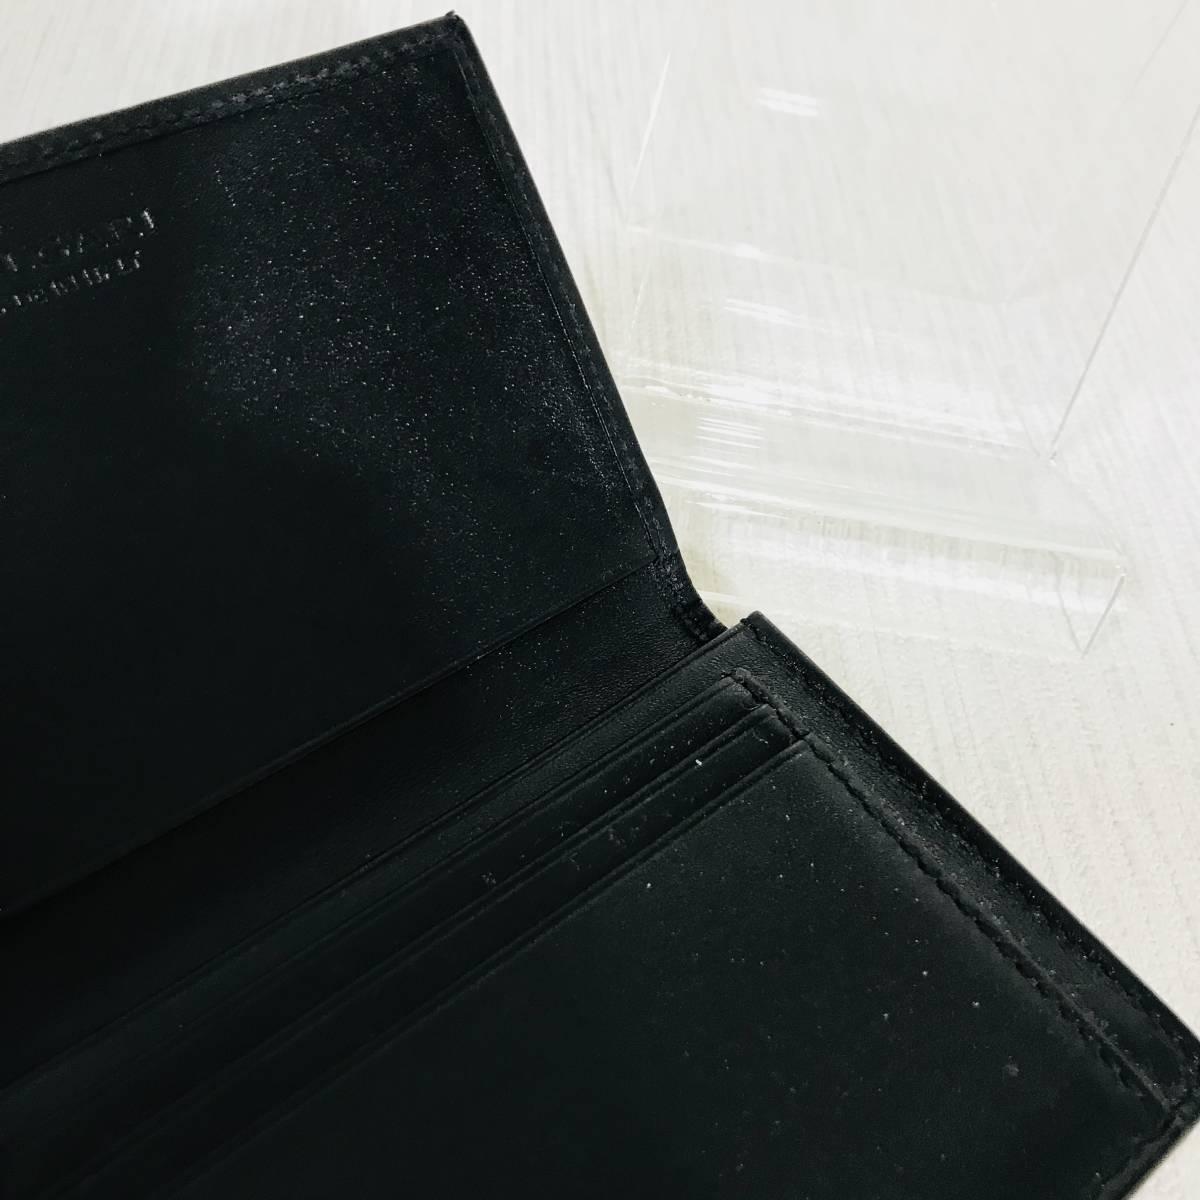 8a745f452f9f 代購代標第一品牌- 樂淘letao - 良品最高級☆BVLGARI ブルガリウイークエンドカードケース名刺入れパスケースPVCレザー最高級品メンズ